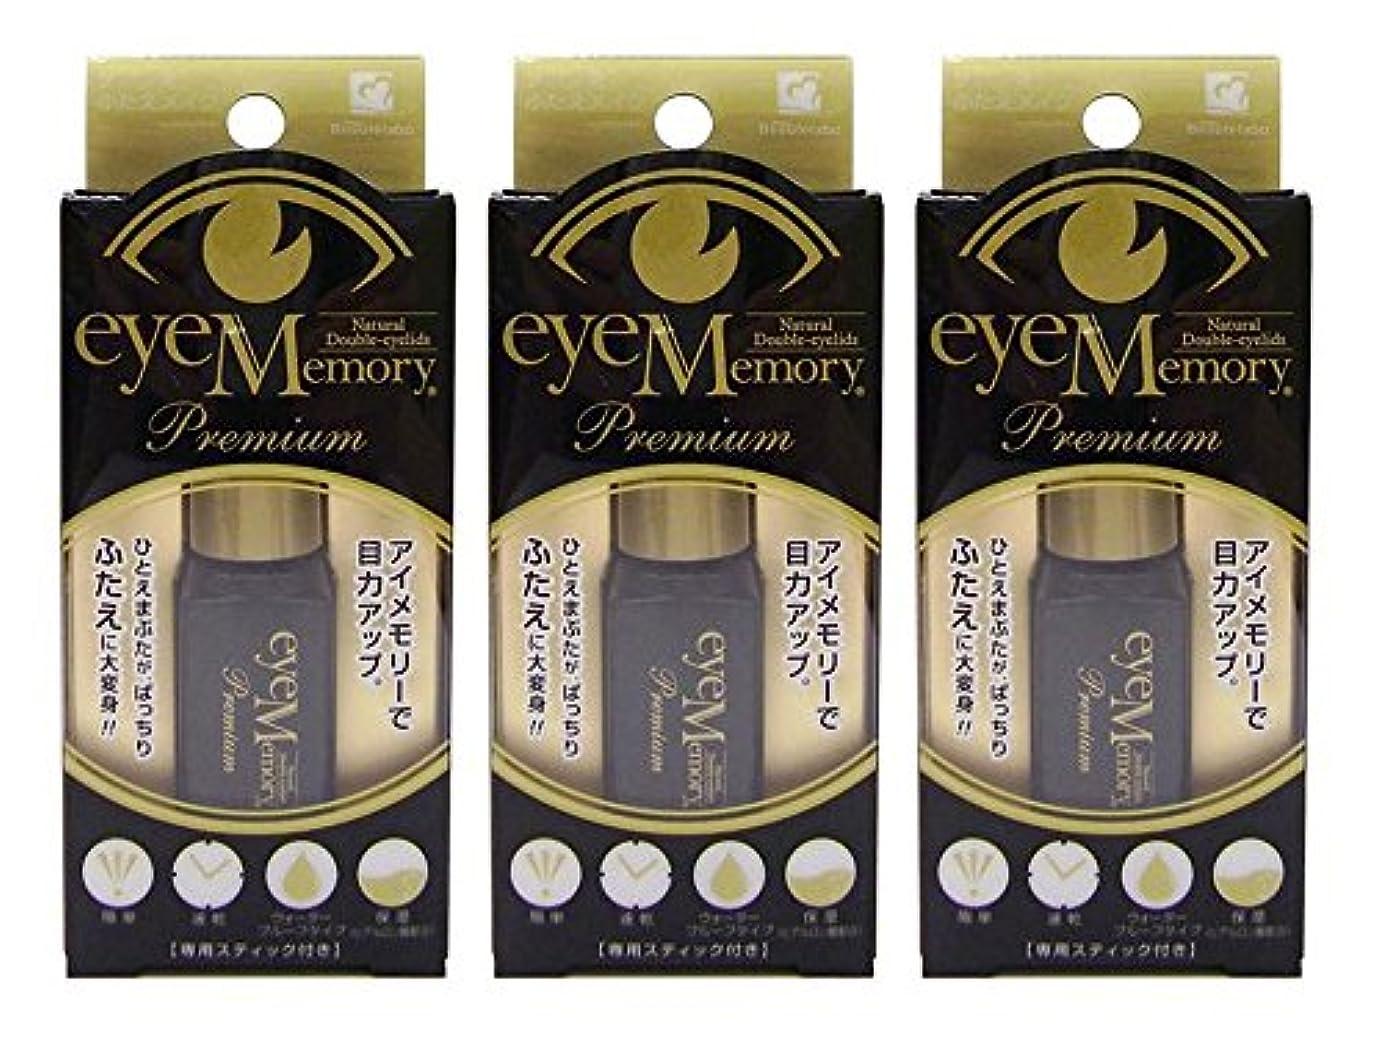 半導体息子フェリーアイメモリー モイスチャー プレミアム 4ml (二重まぶた化粧品) 3個セット